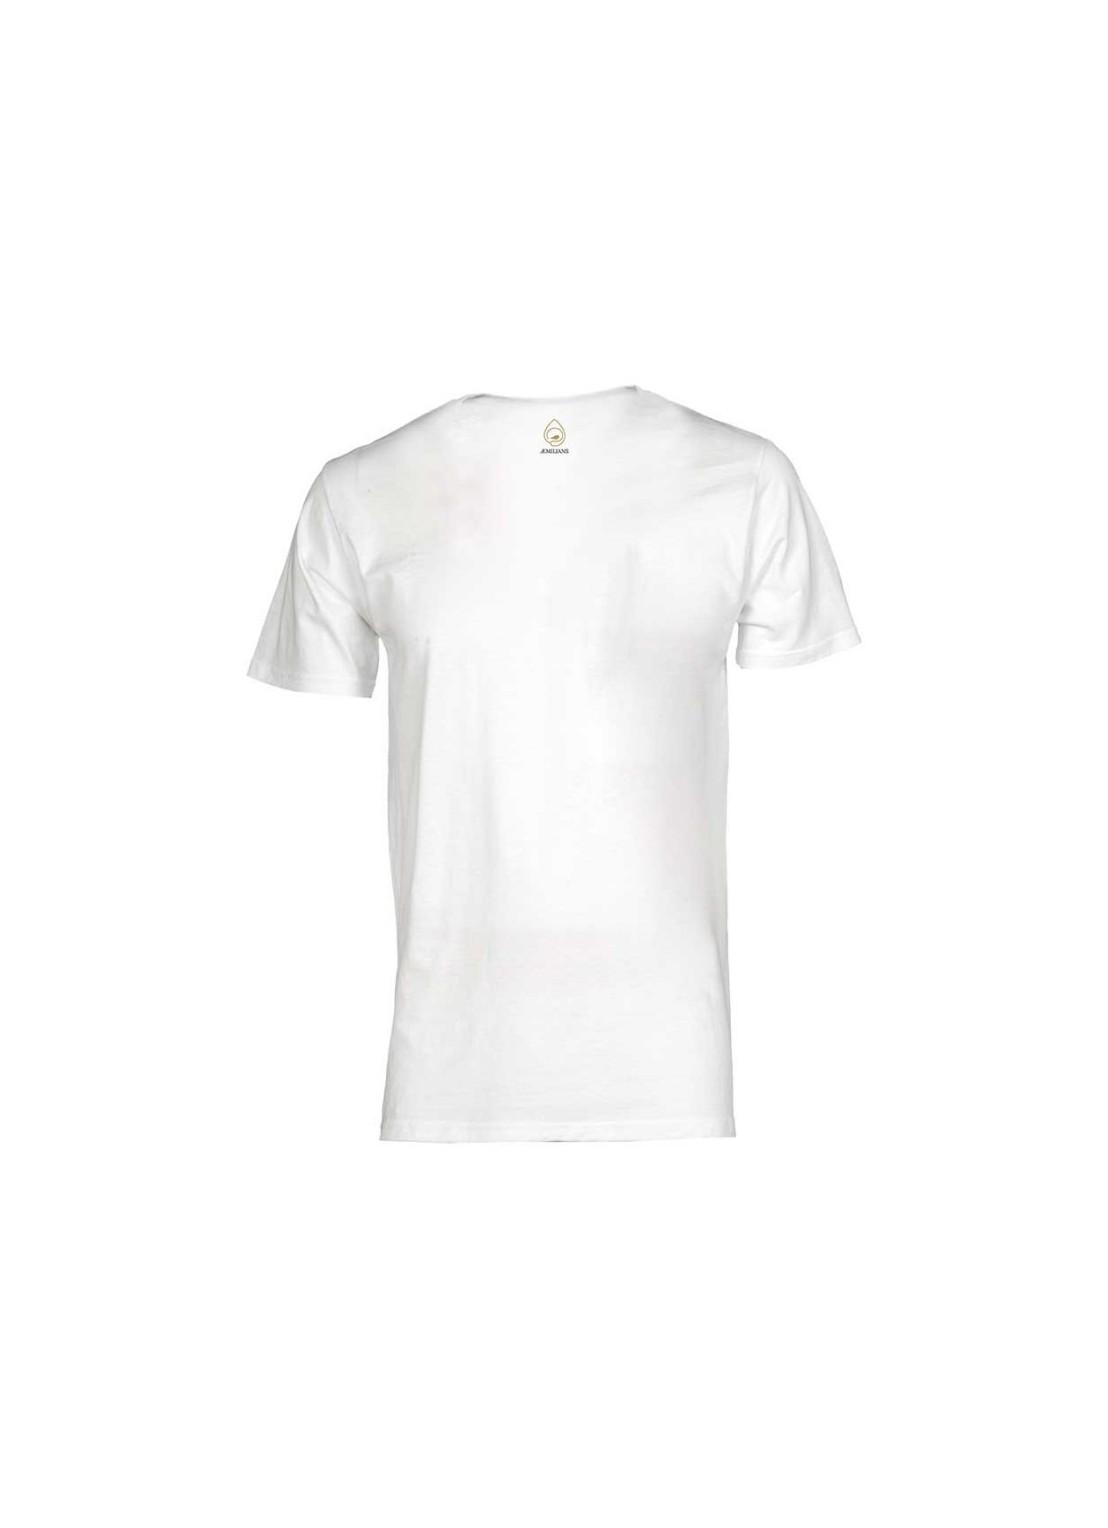 t-shirt Luciano Ligabue - unisex